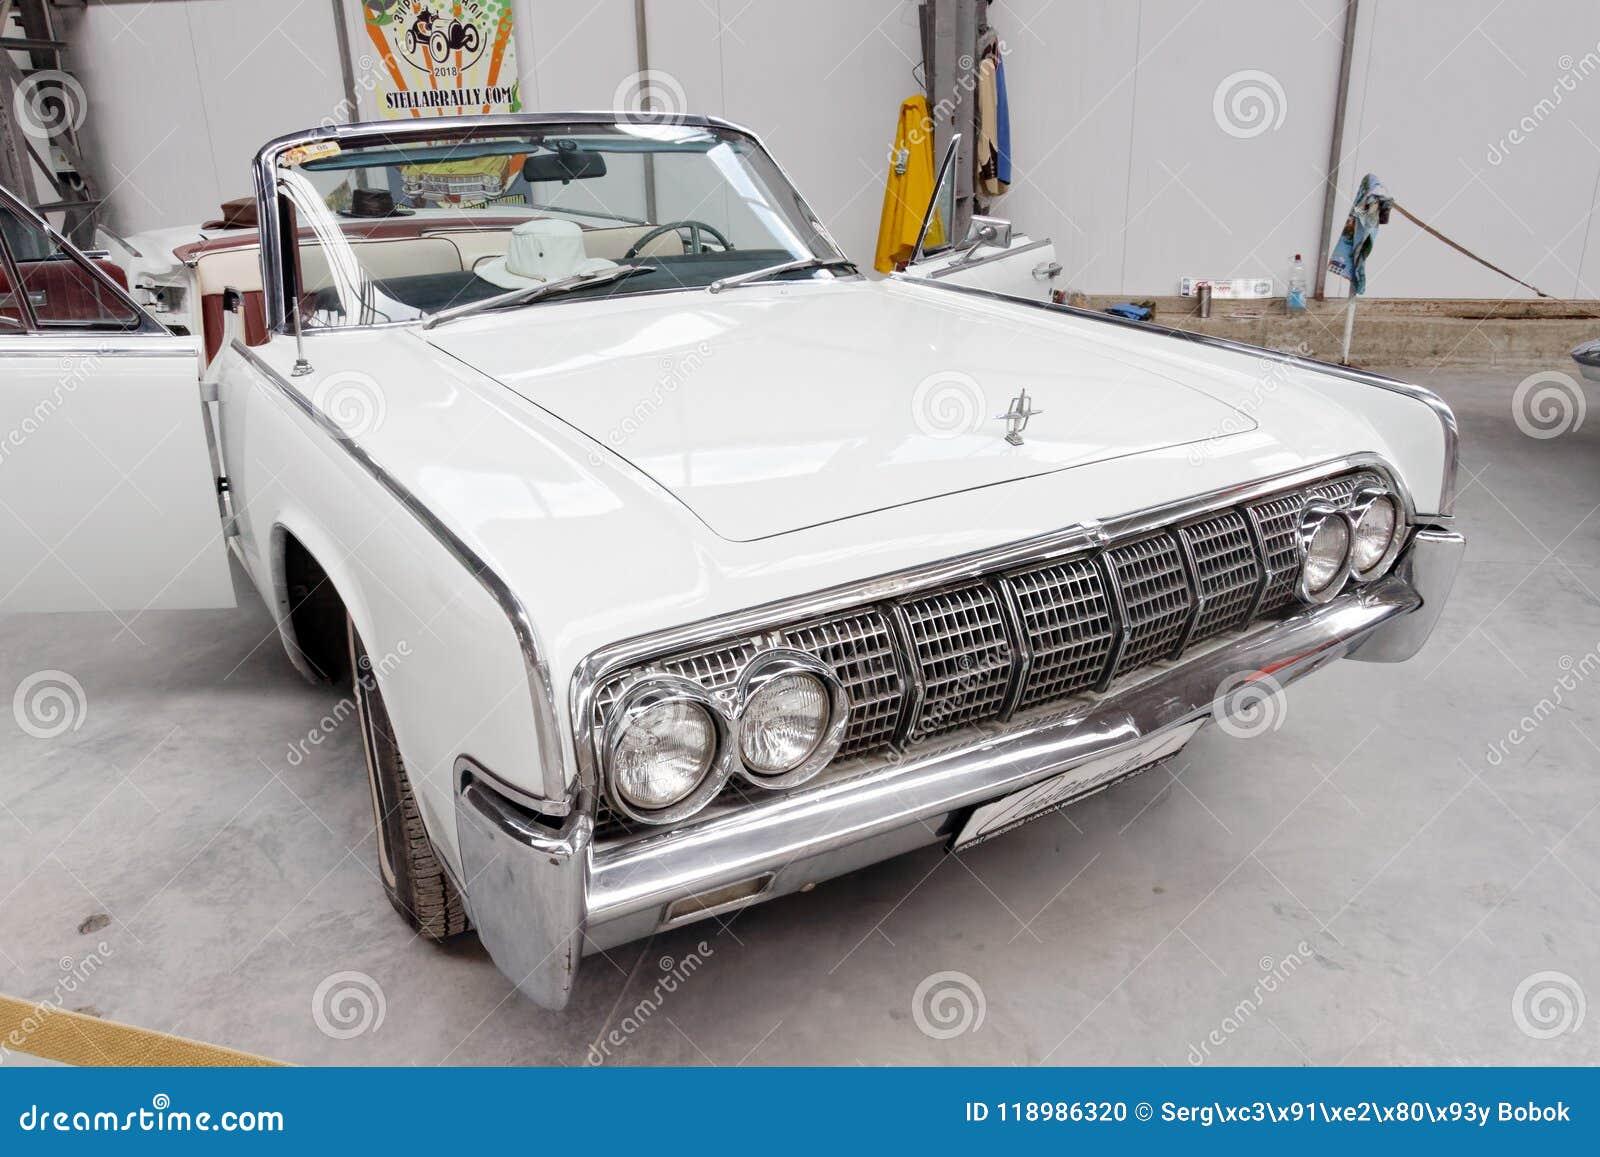 Lincoln Continental Cabrio Vintage Car Stock Image Editorial Image